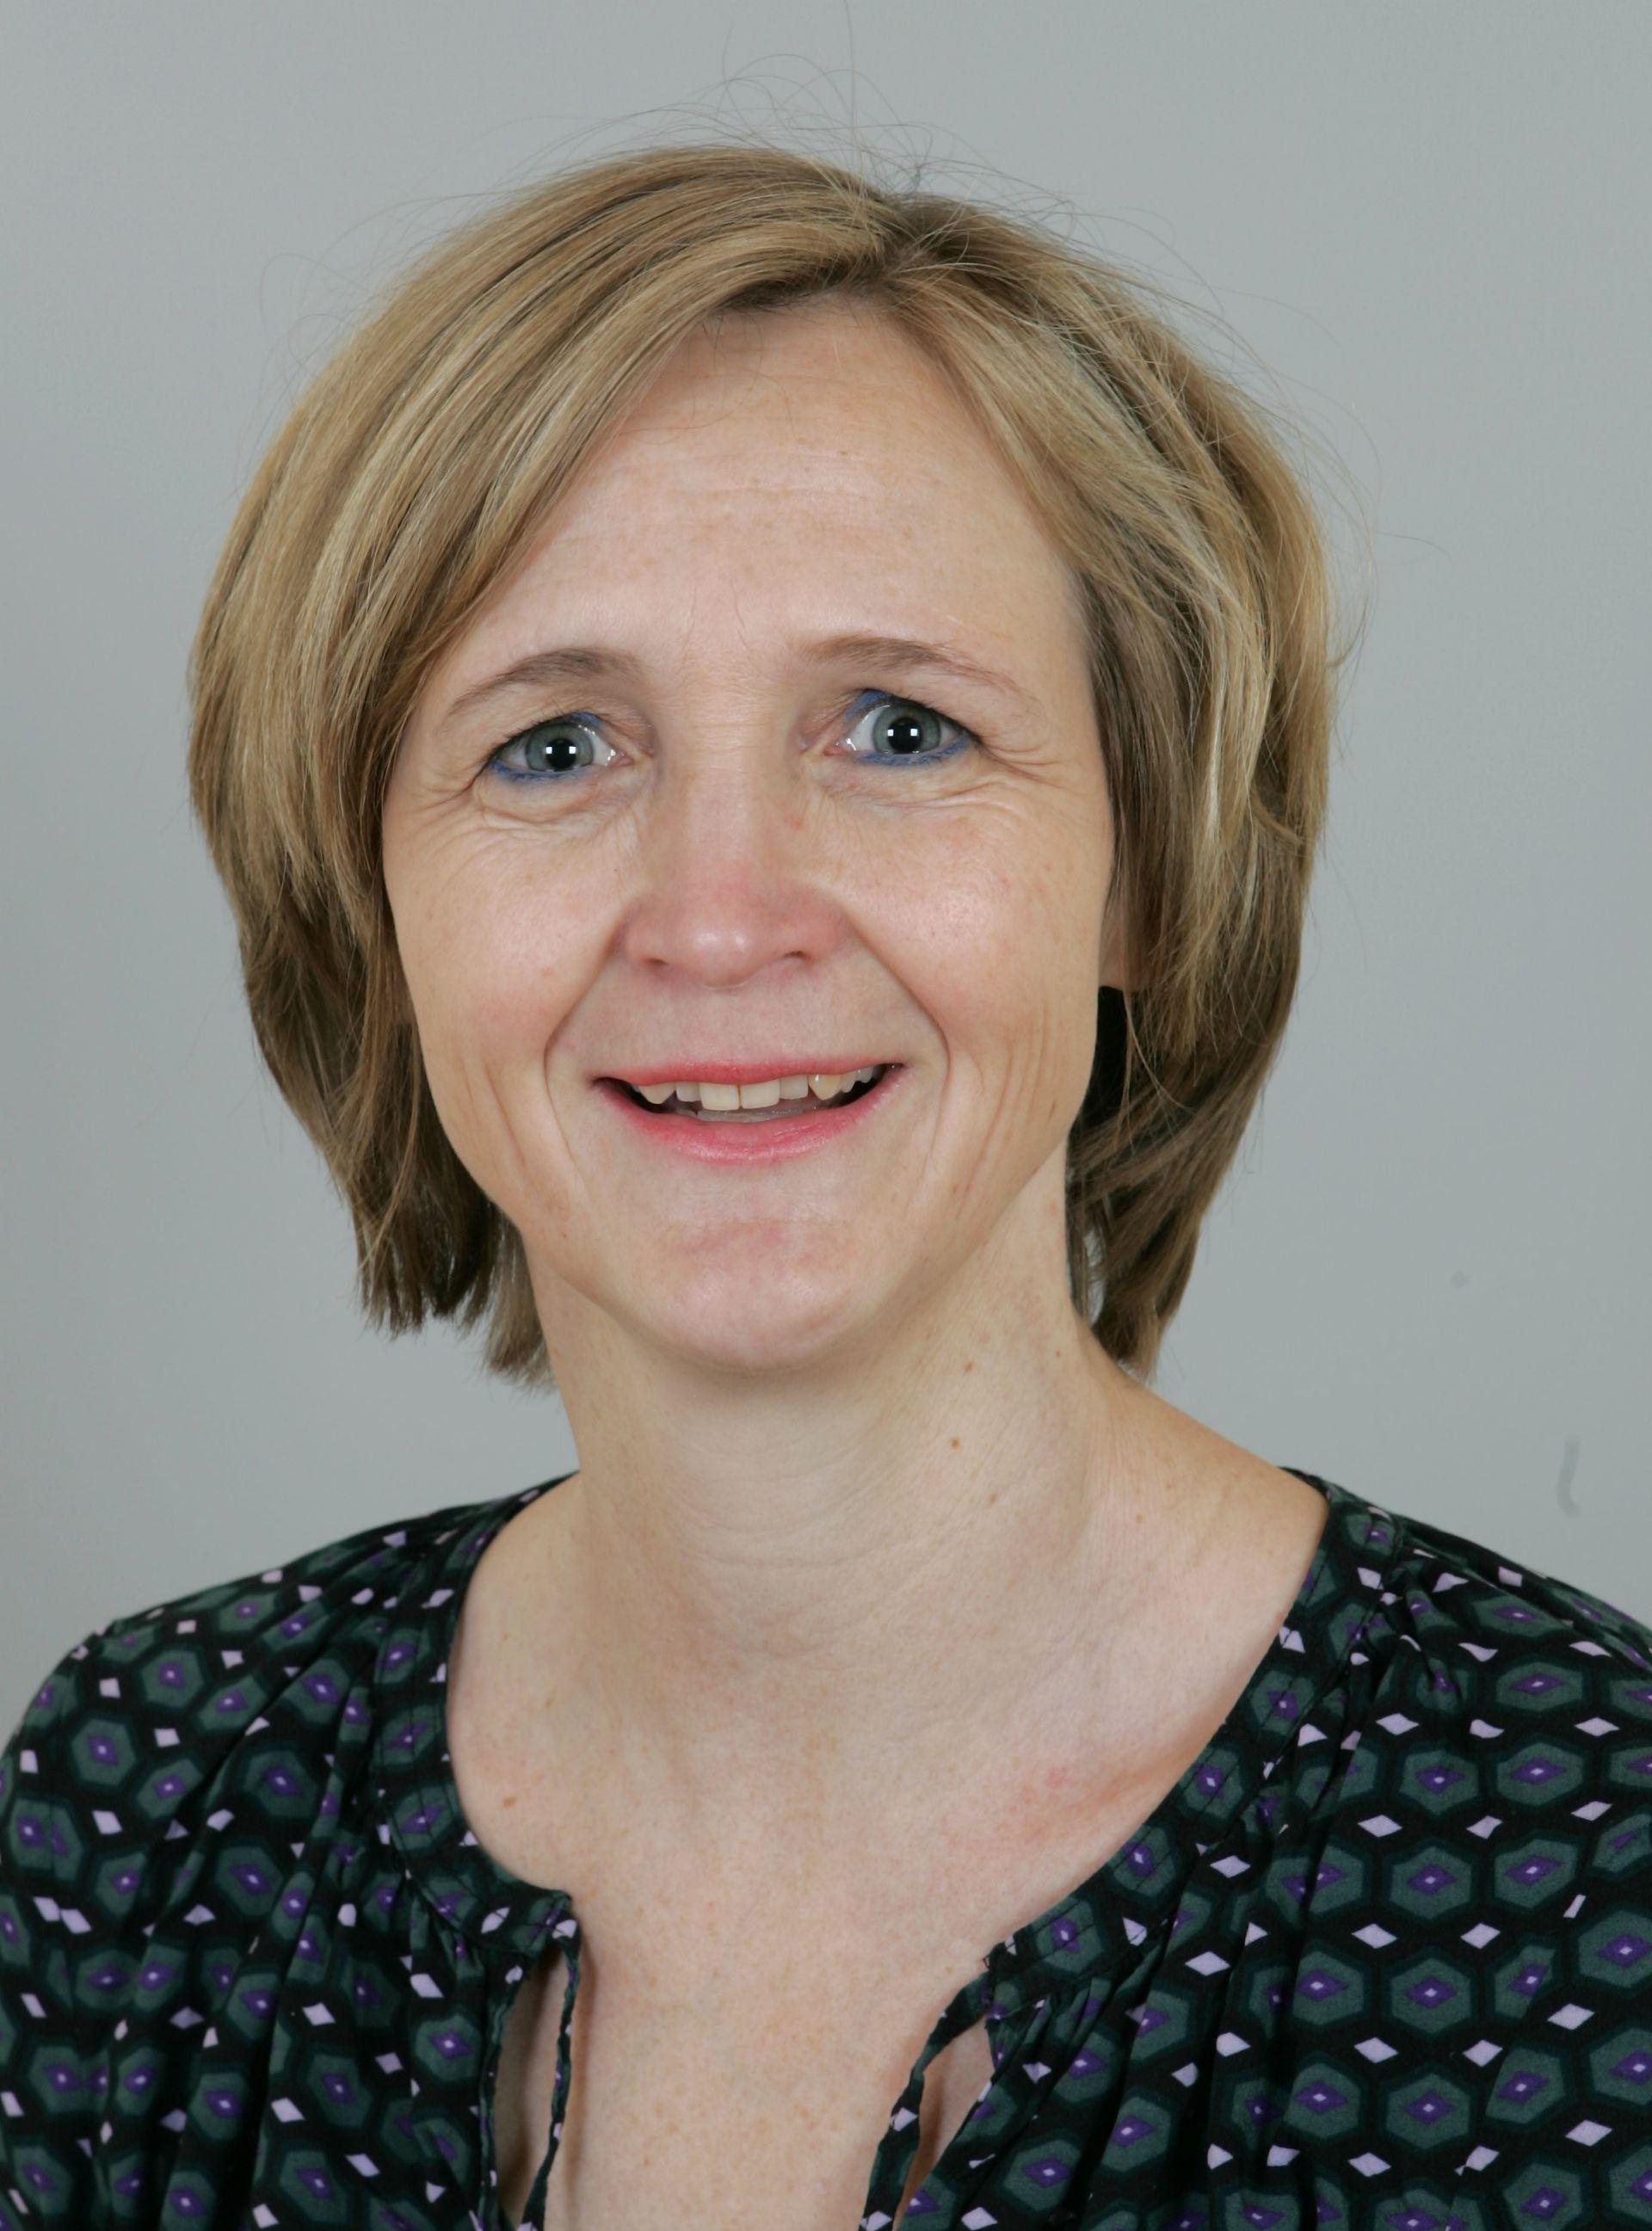 Ingrid Slangewal-Laarman